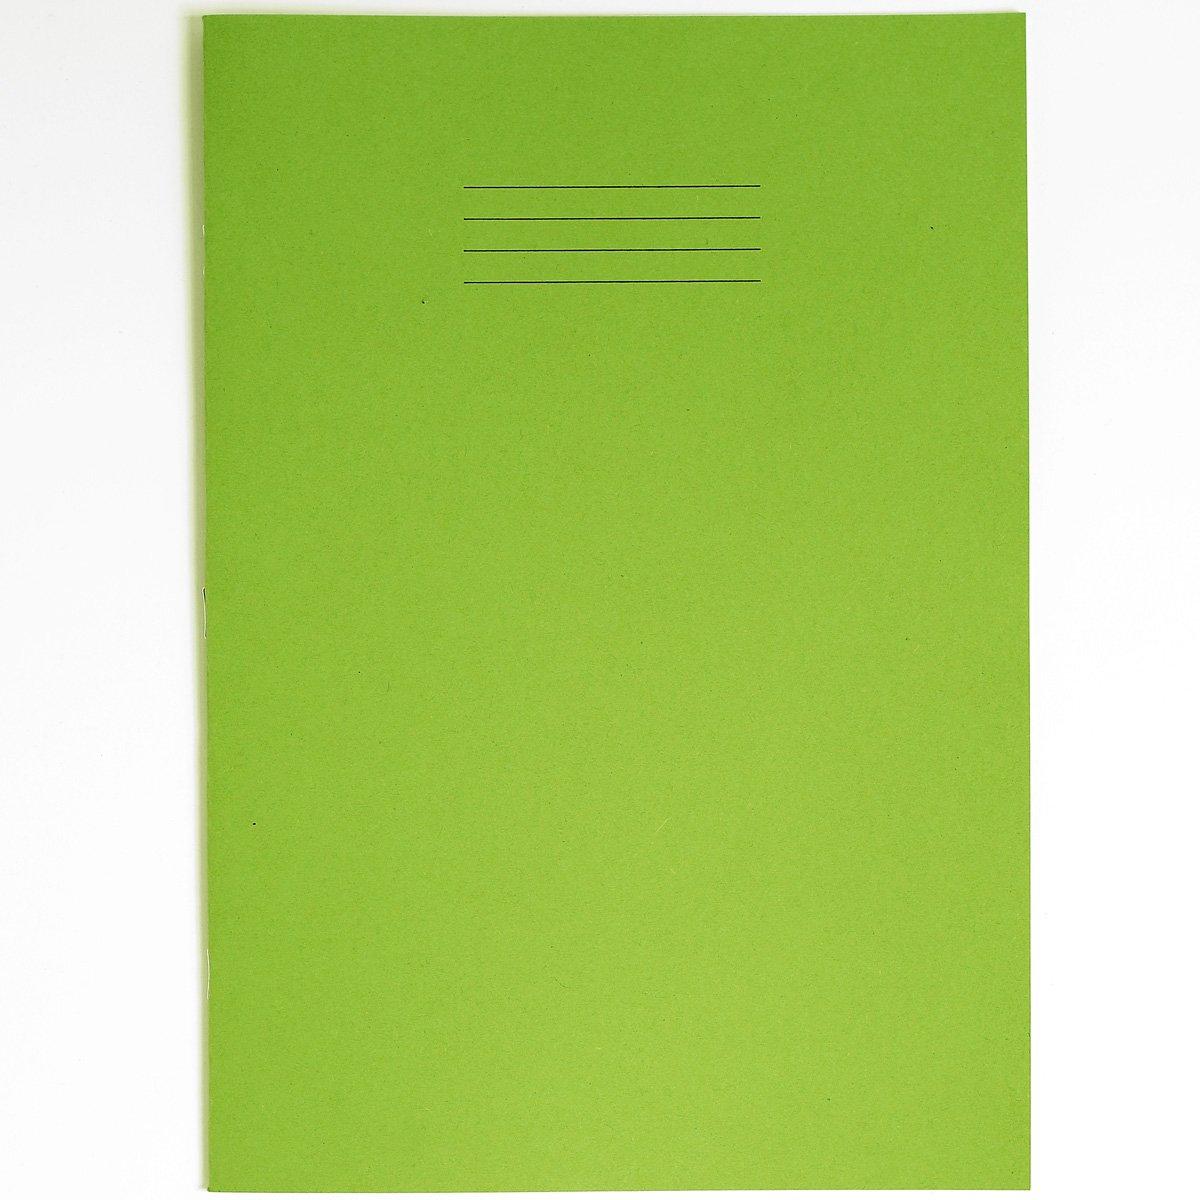 RHINO F8M colore: Blu scuro 80 pagine Quaderno formato A4 confezione da 10